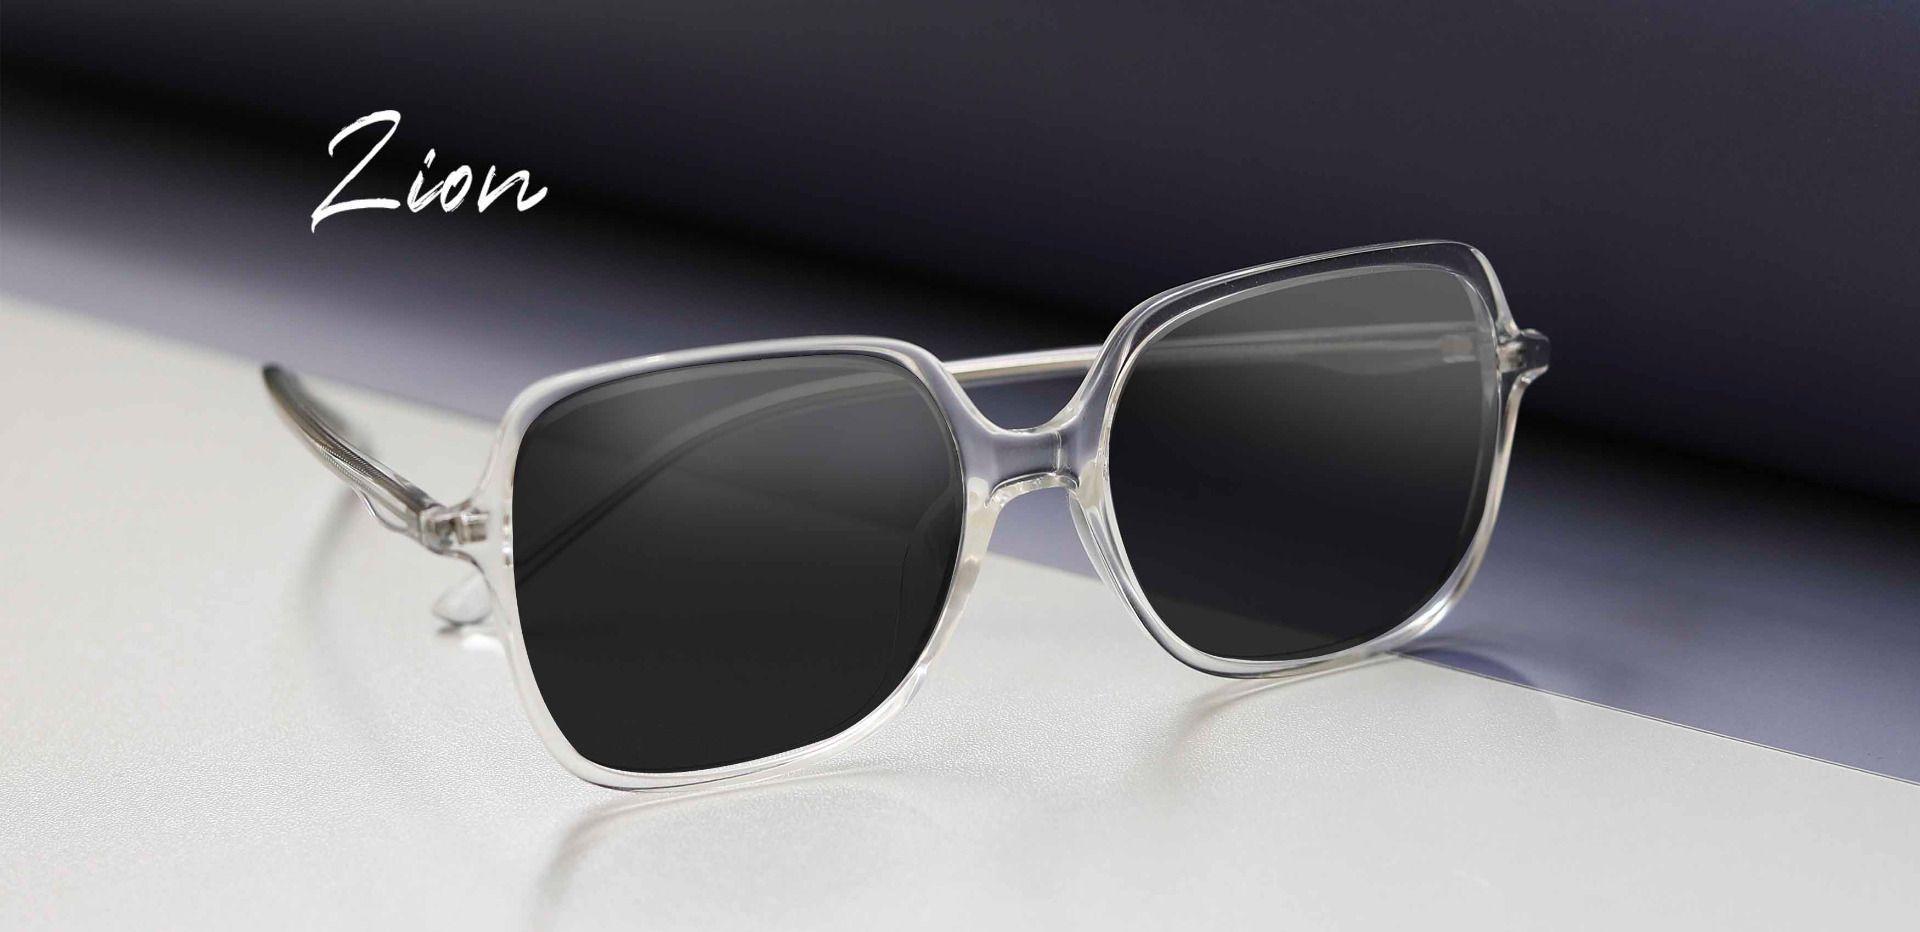 Zion Square Prescription Sunglasses - Clear Frame With Gray Lenses